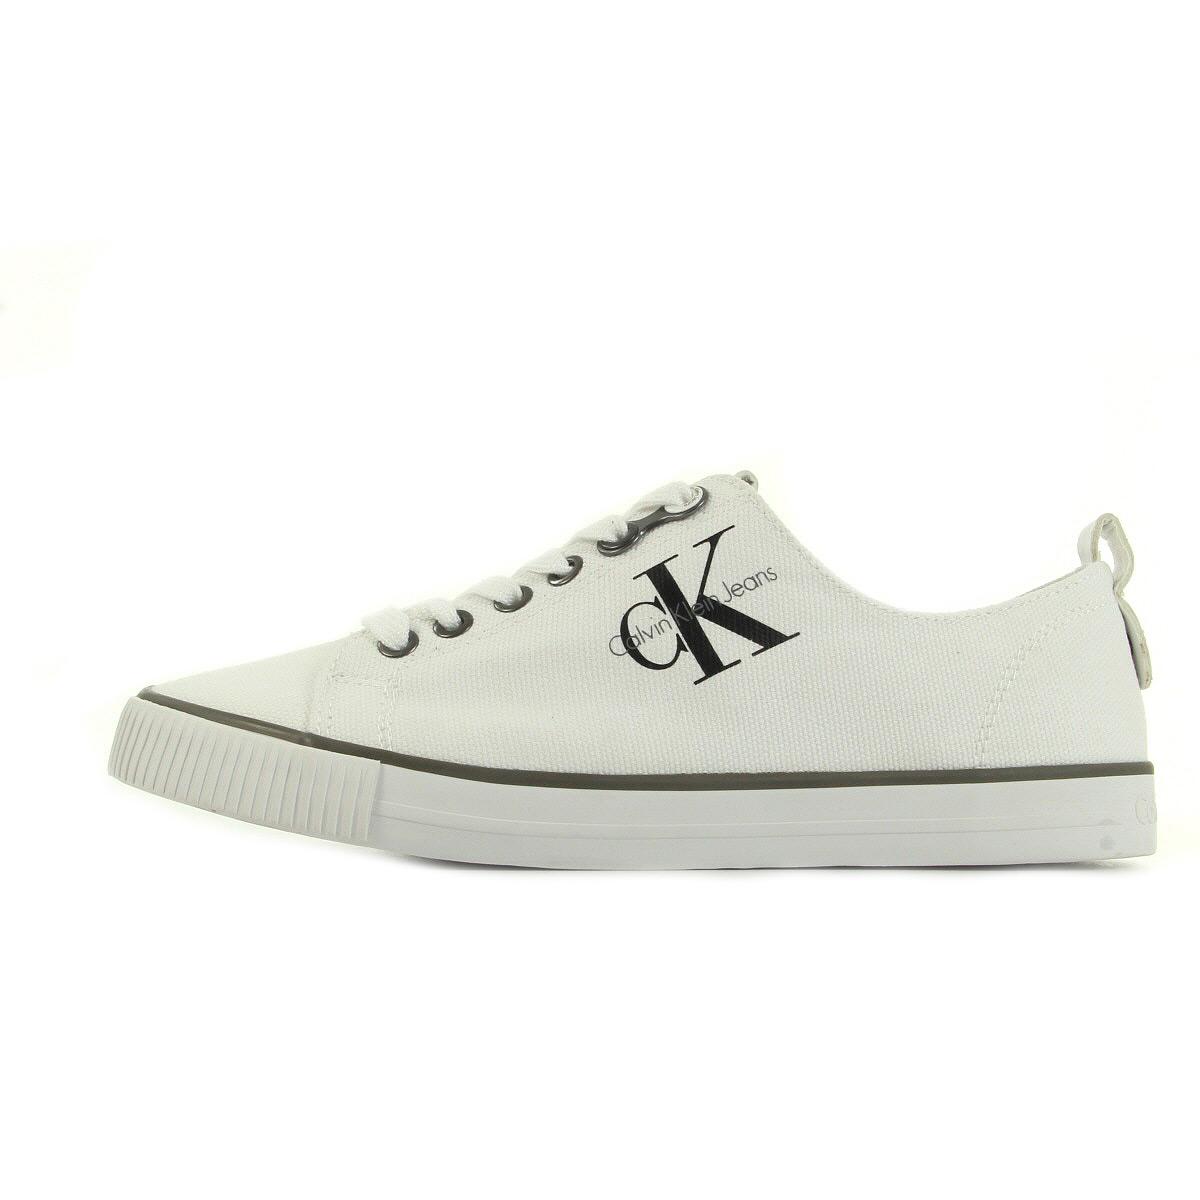 Chaussures Baskets Calvin Klein femme Dora Canvas taille Blanc Blanche